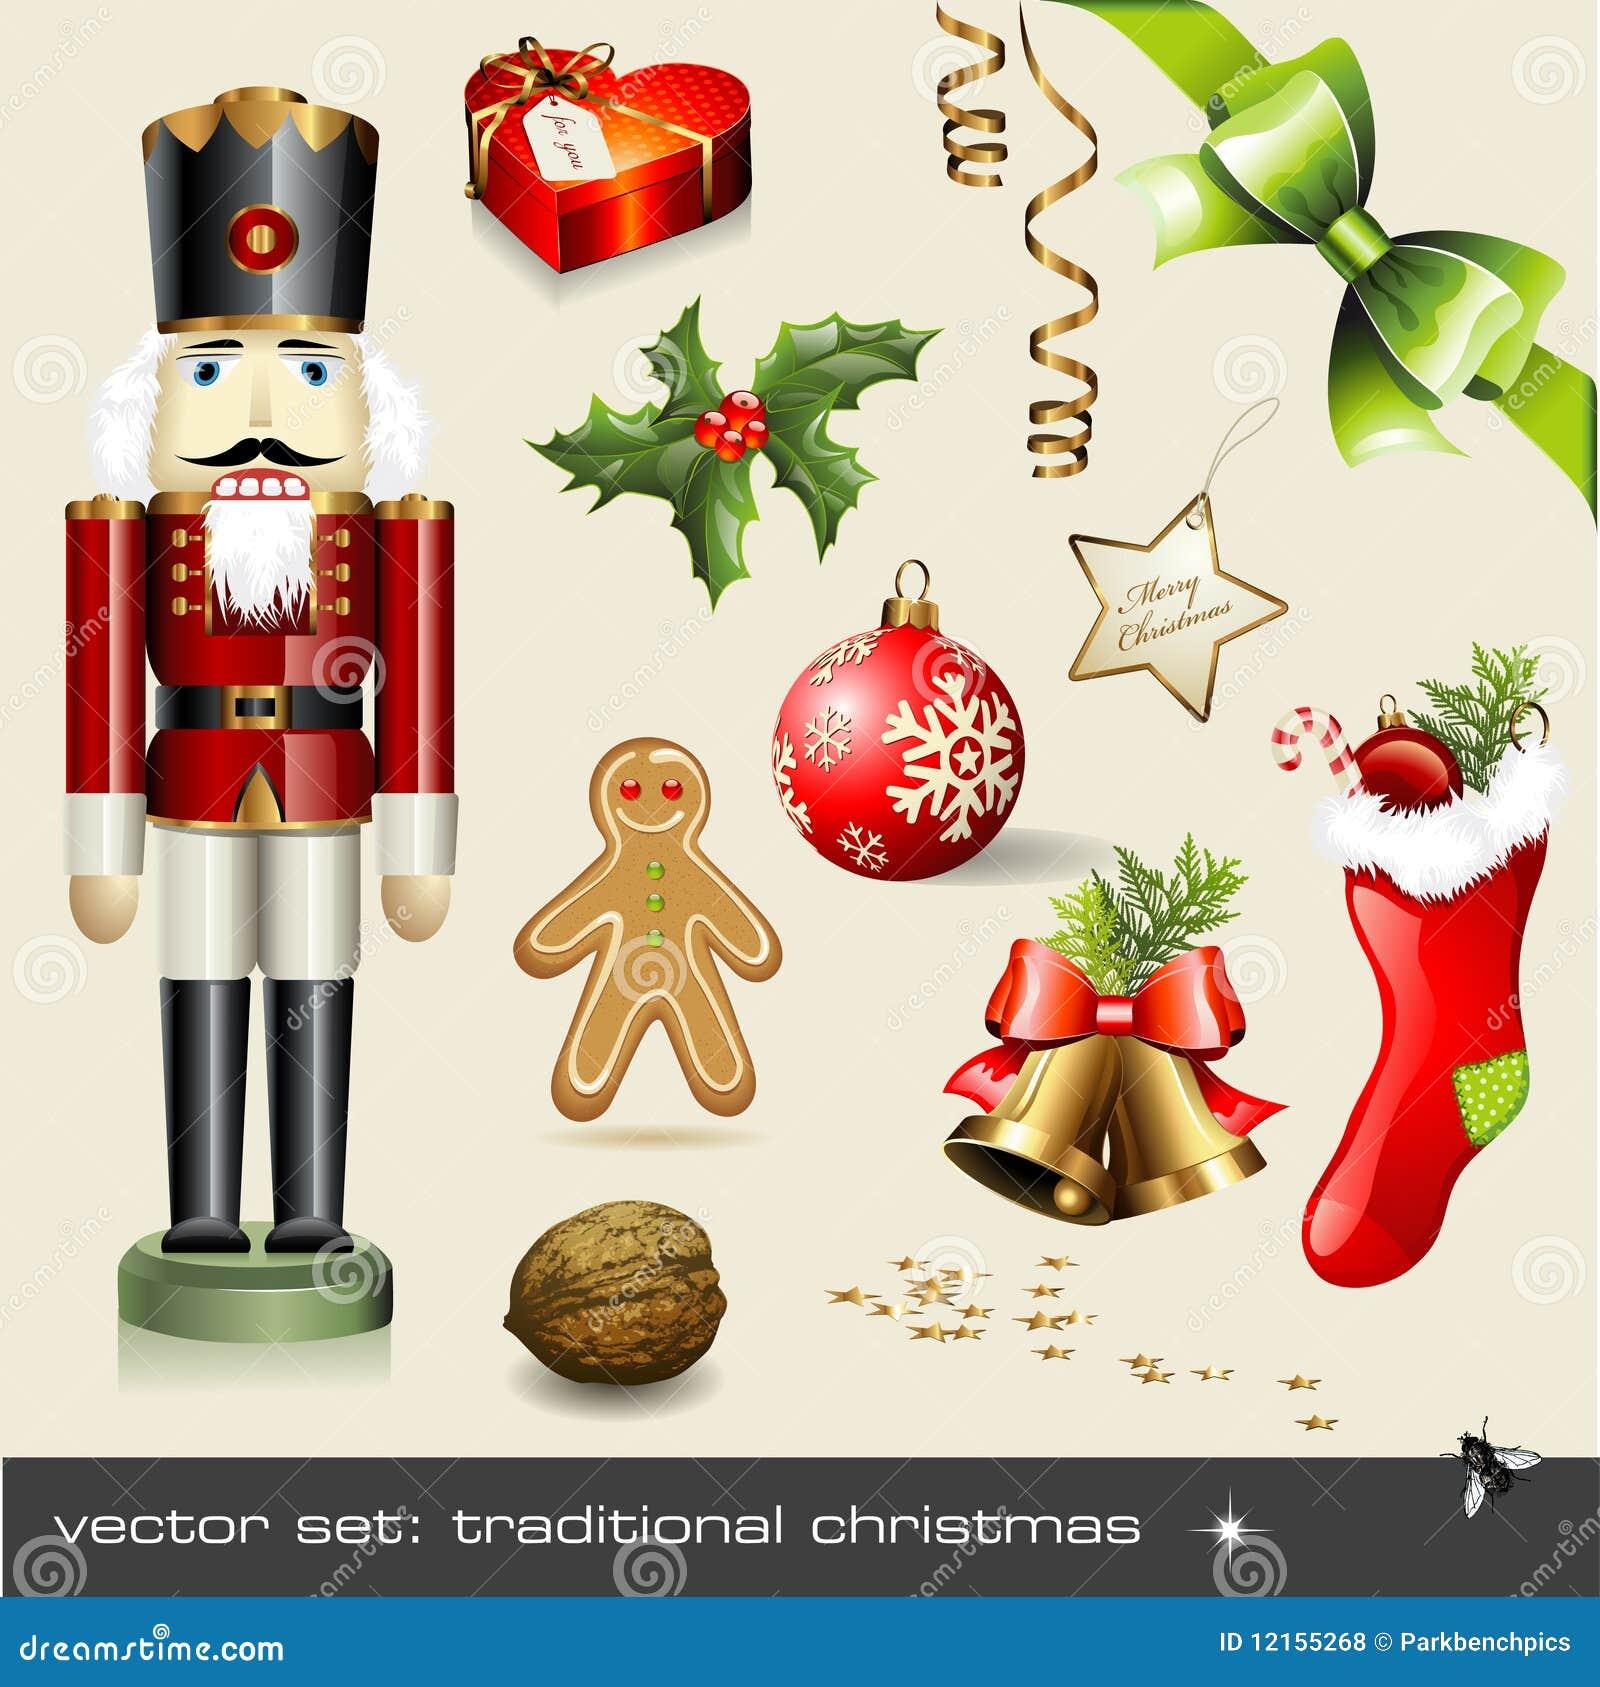 Vector set: traditional christmas